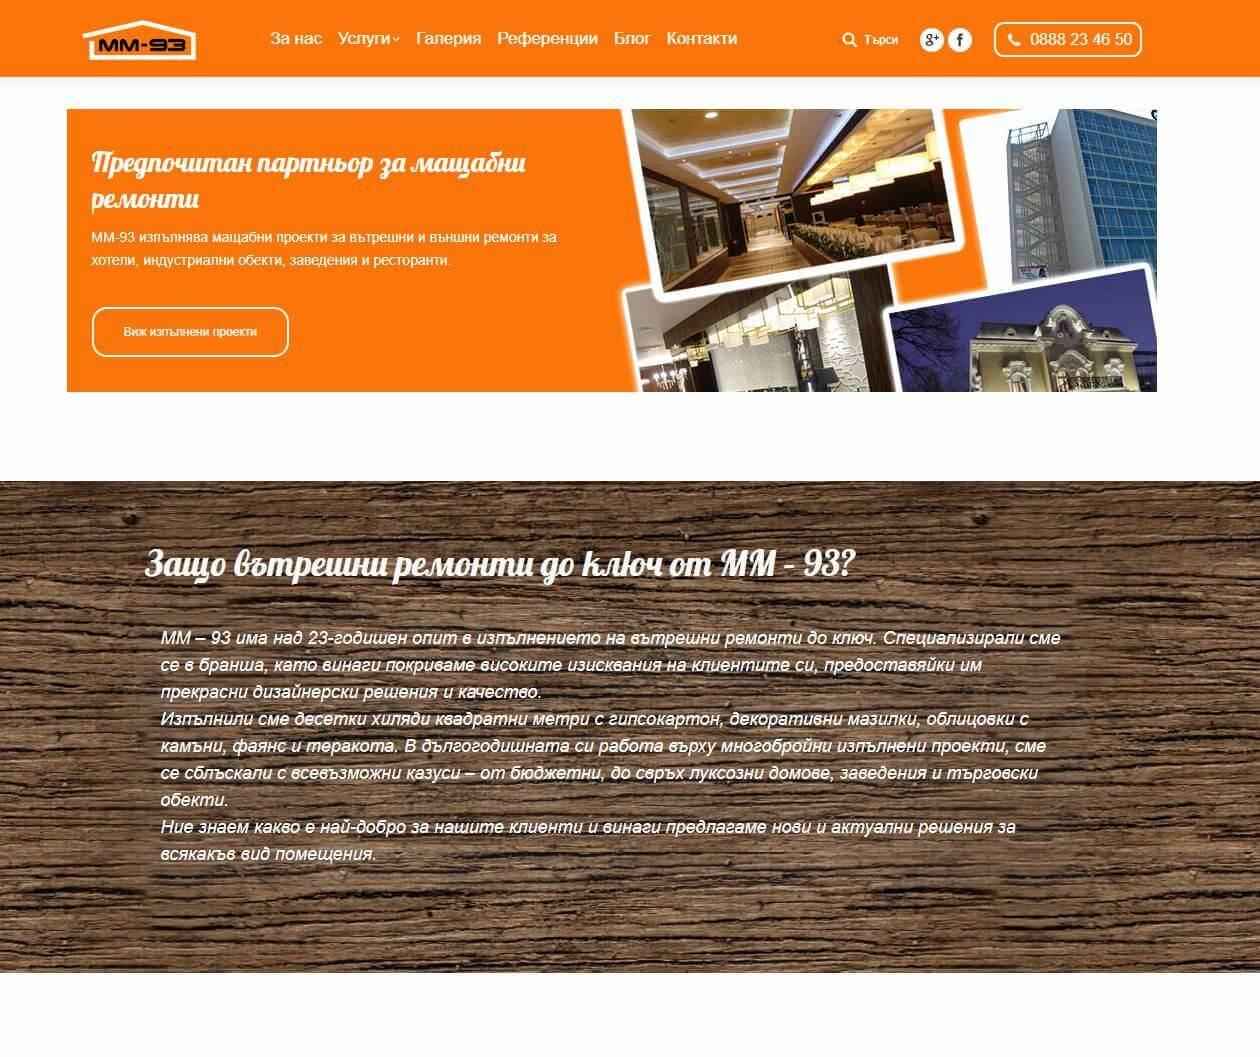 Изработка на уеб сайт - рекламна агенция Медия Дизайн